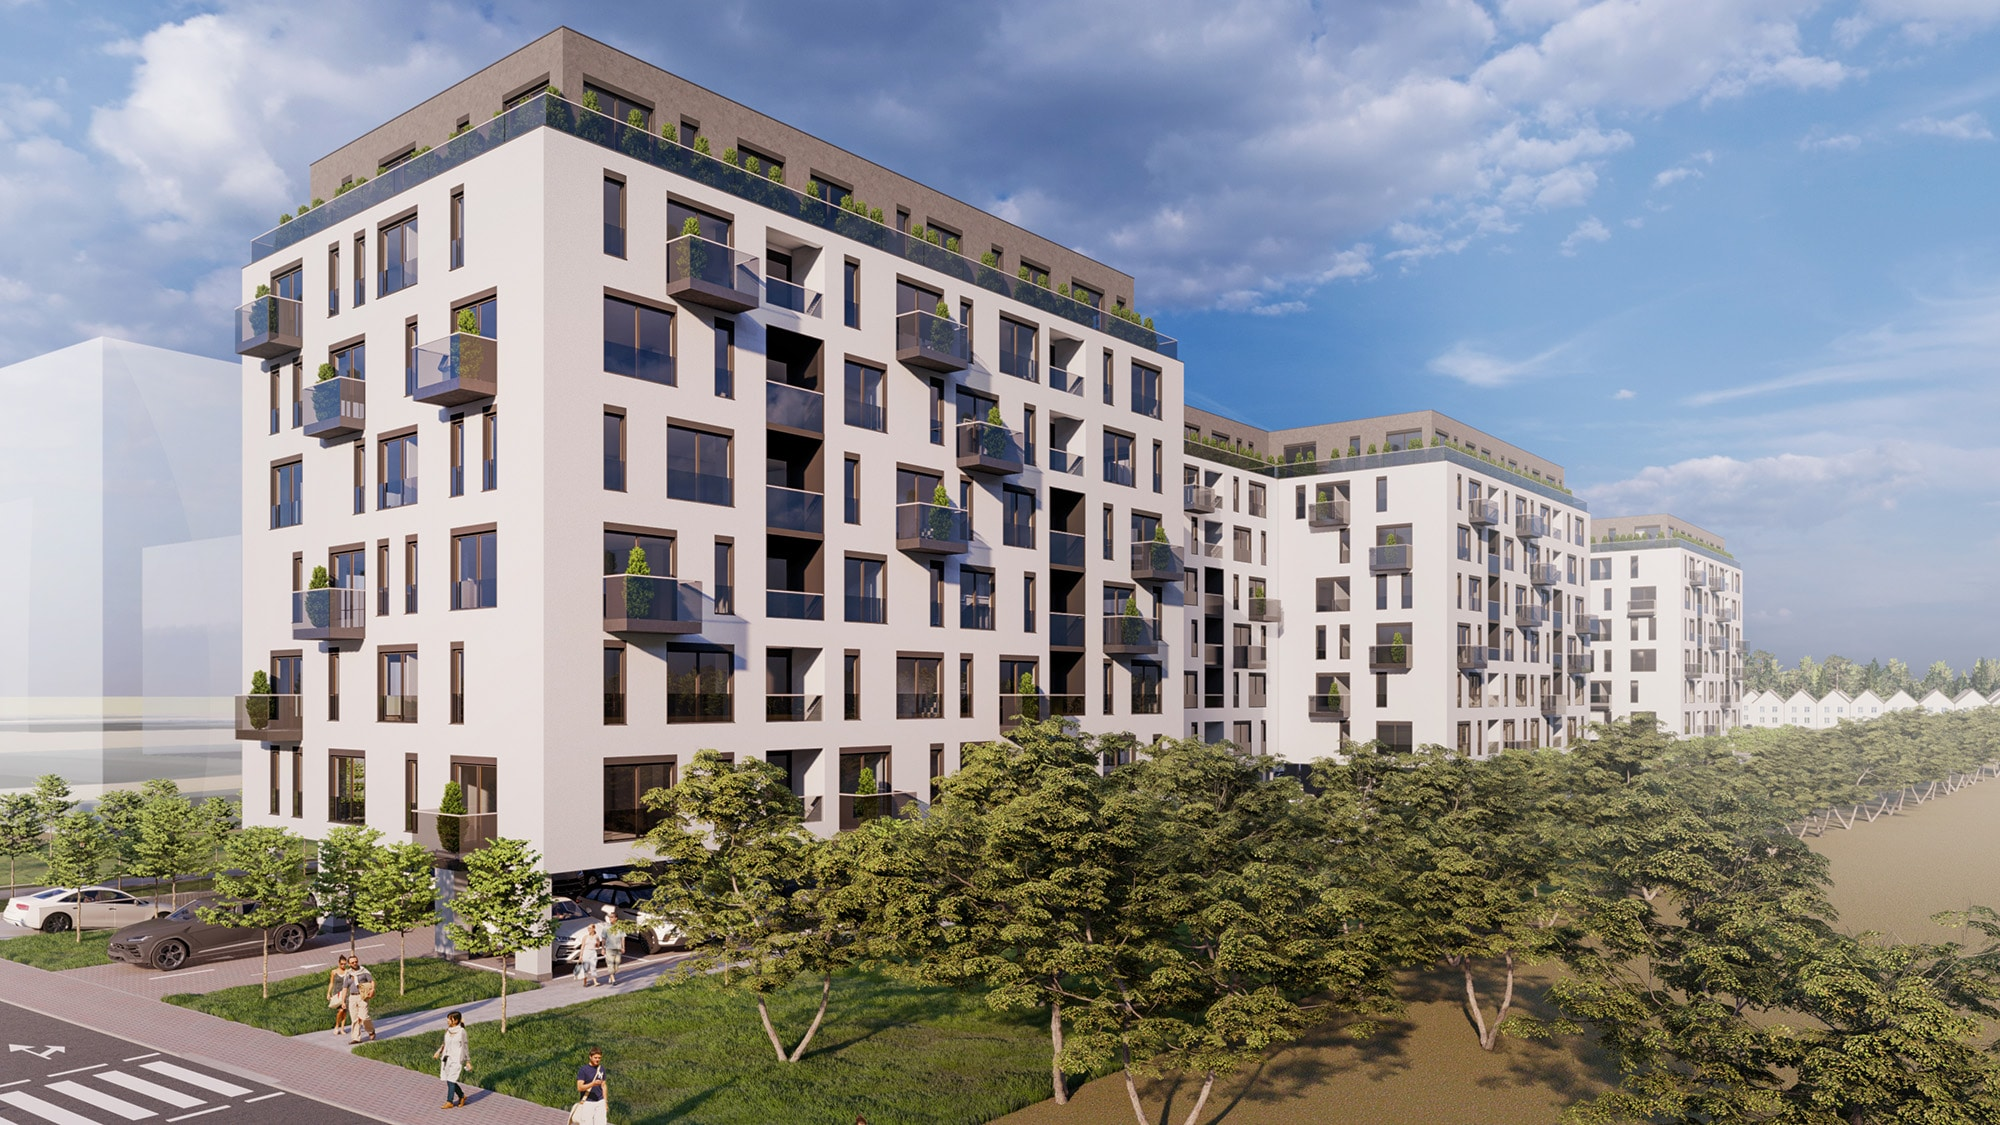 Proiect arhitectural de la biroul de arhotectura AB+Partners, pentru complexul residential in Bucuresti